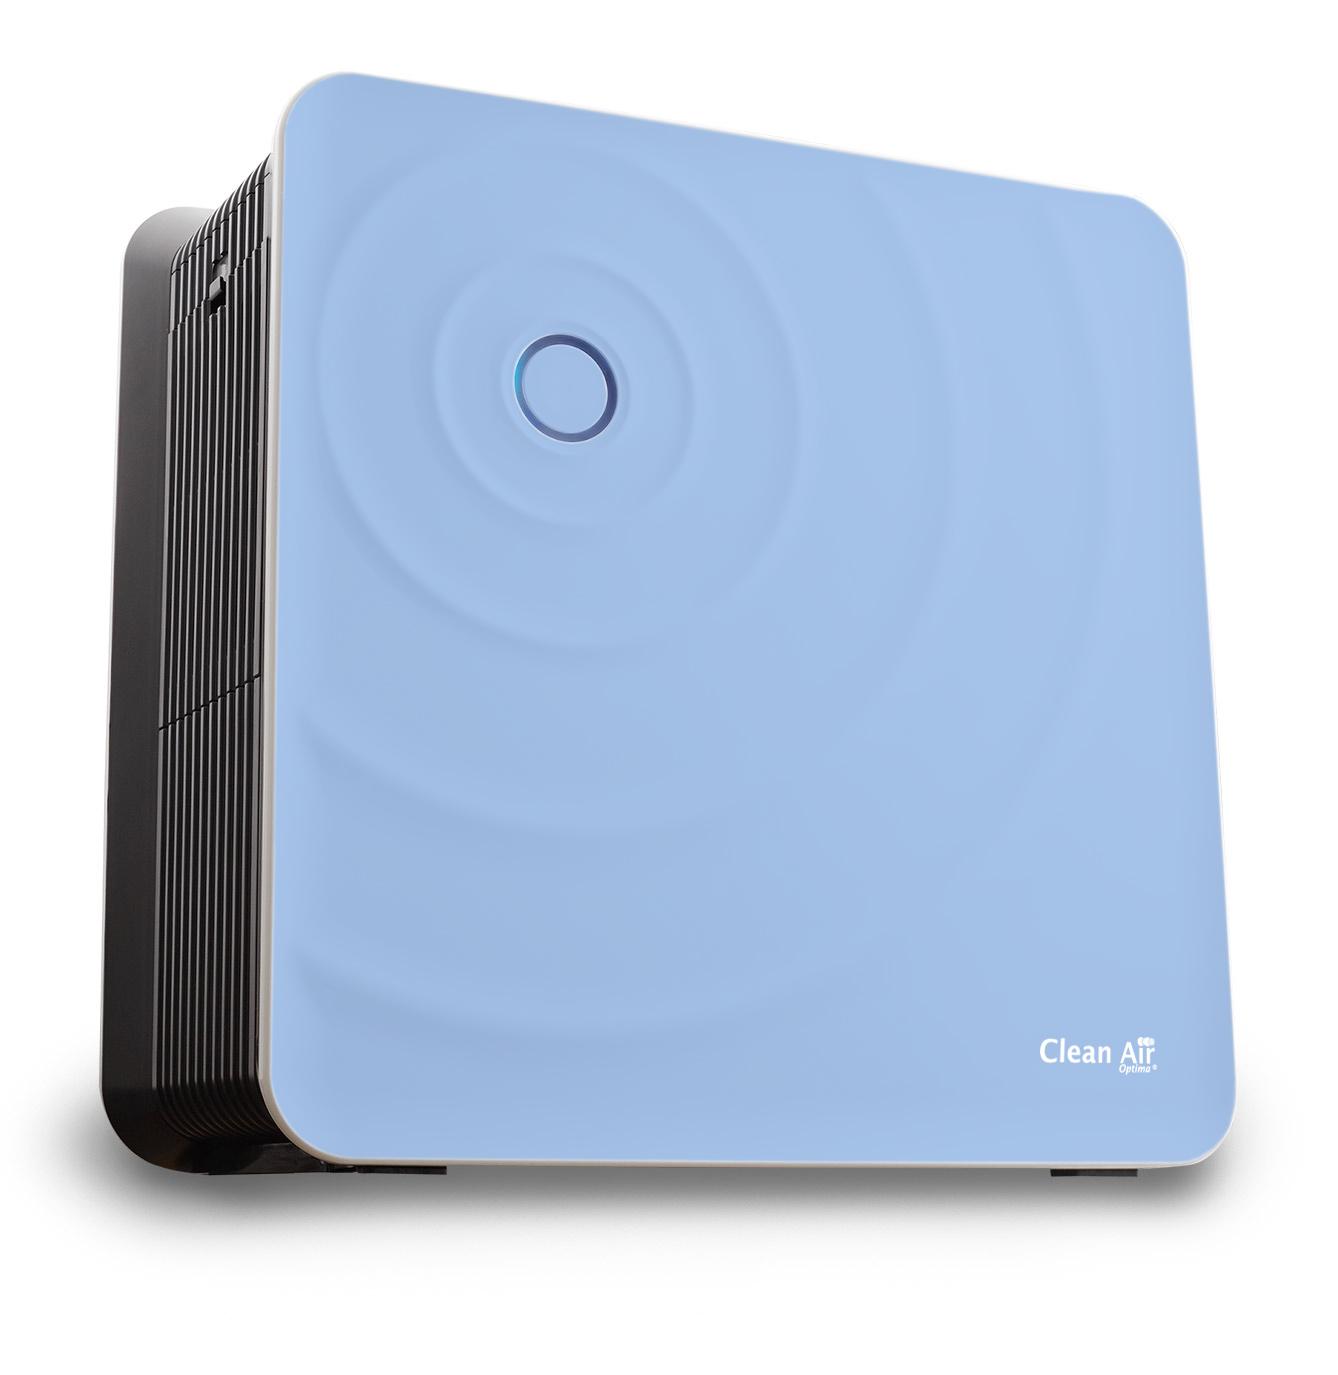 Přirozené zvlhčování vzduchu nabízí diskový zvlhčovač CA-803